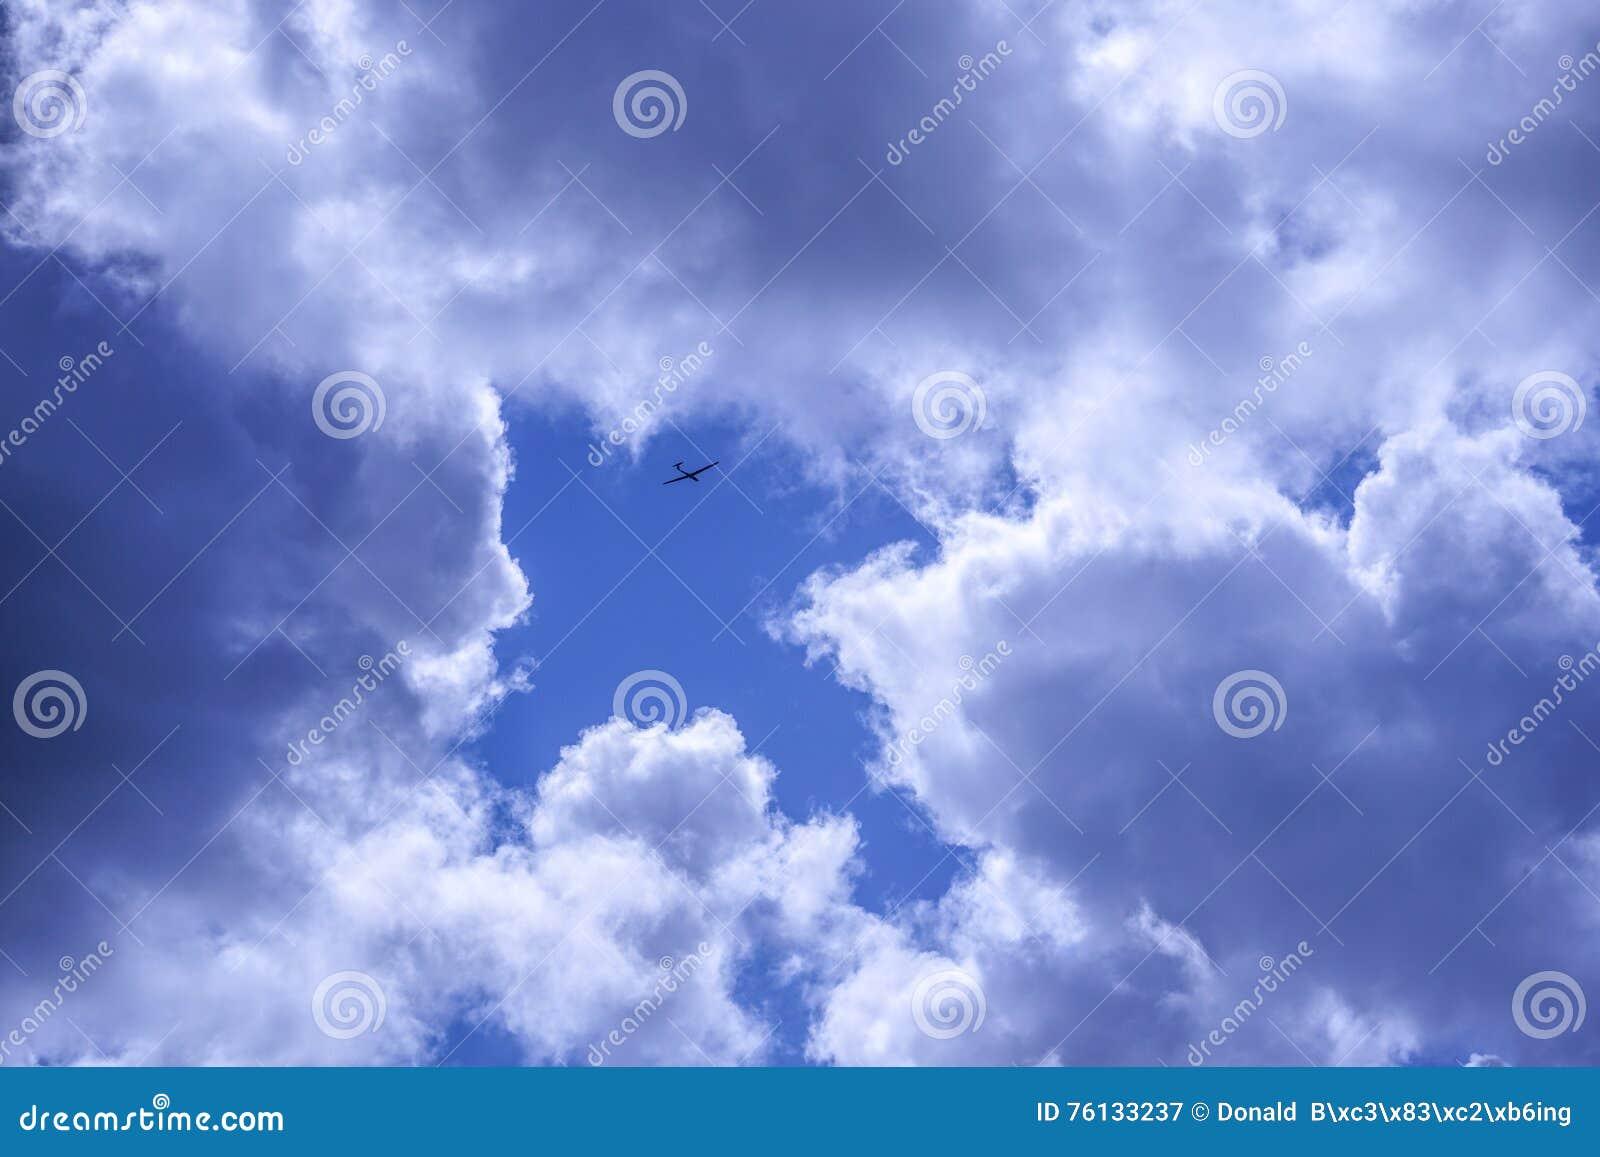 滑翔机飞机飞行的符号图片到在天空的一个箭头里